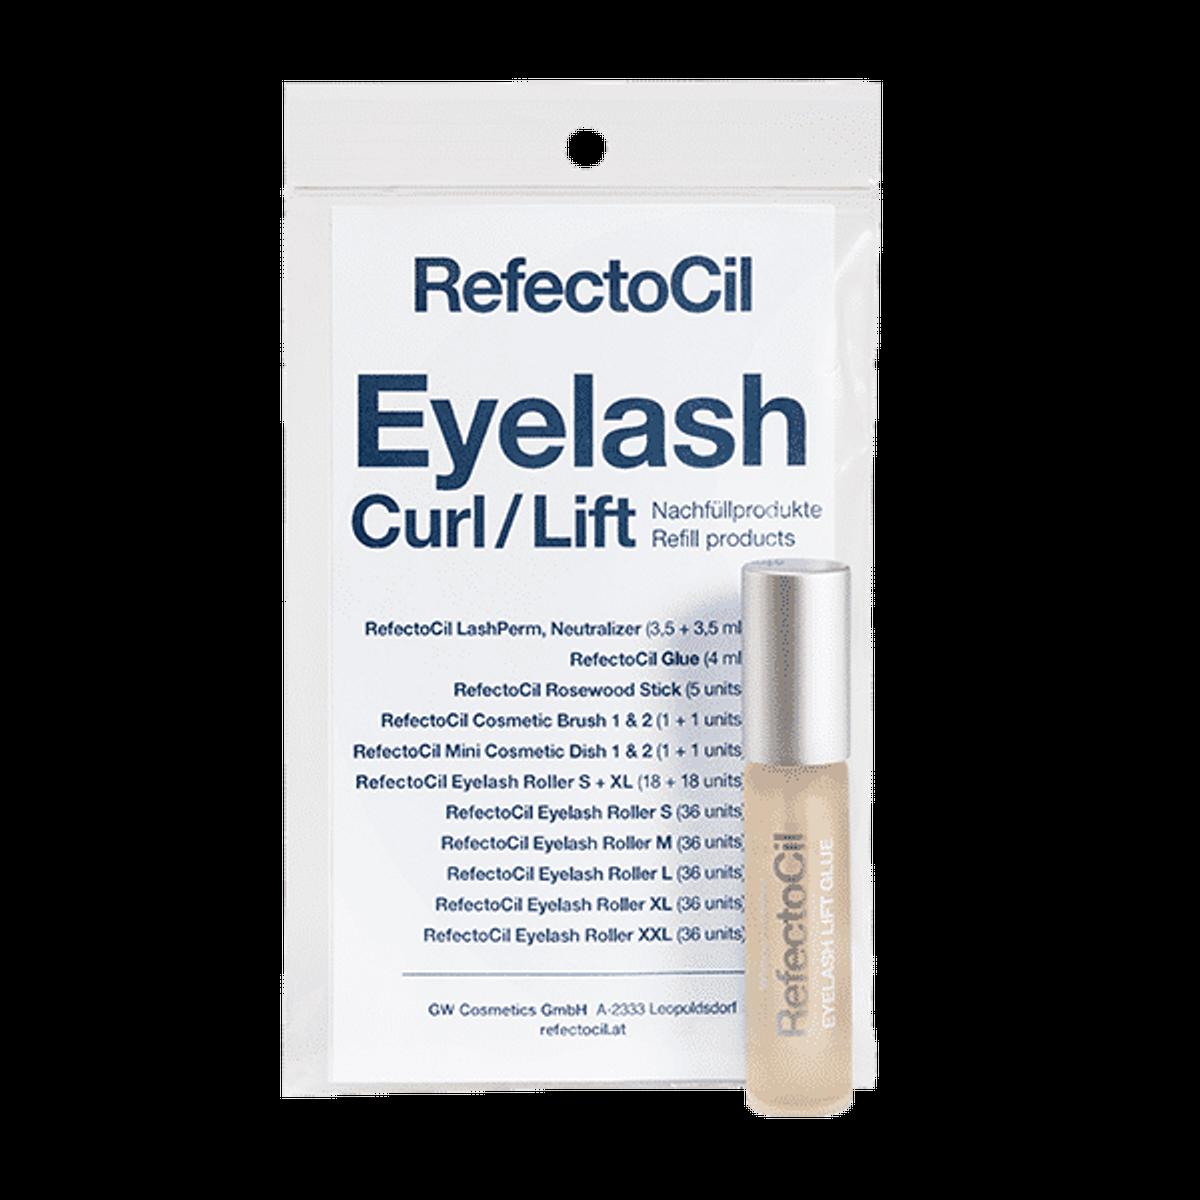 RefectoCil Eyelash Lift & Curl glue 4 ml